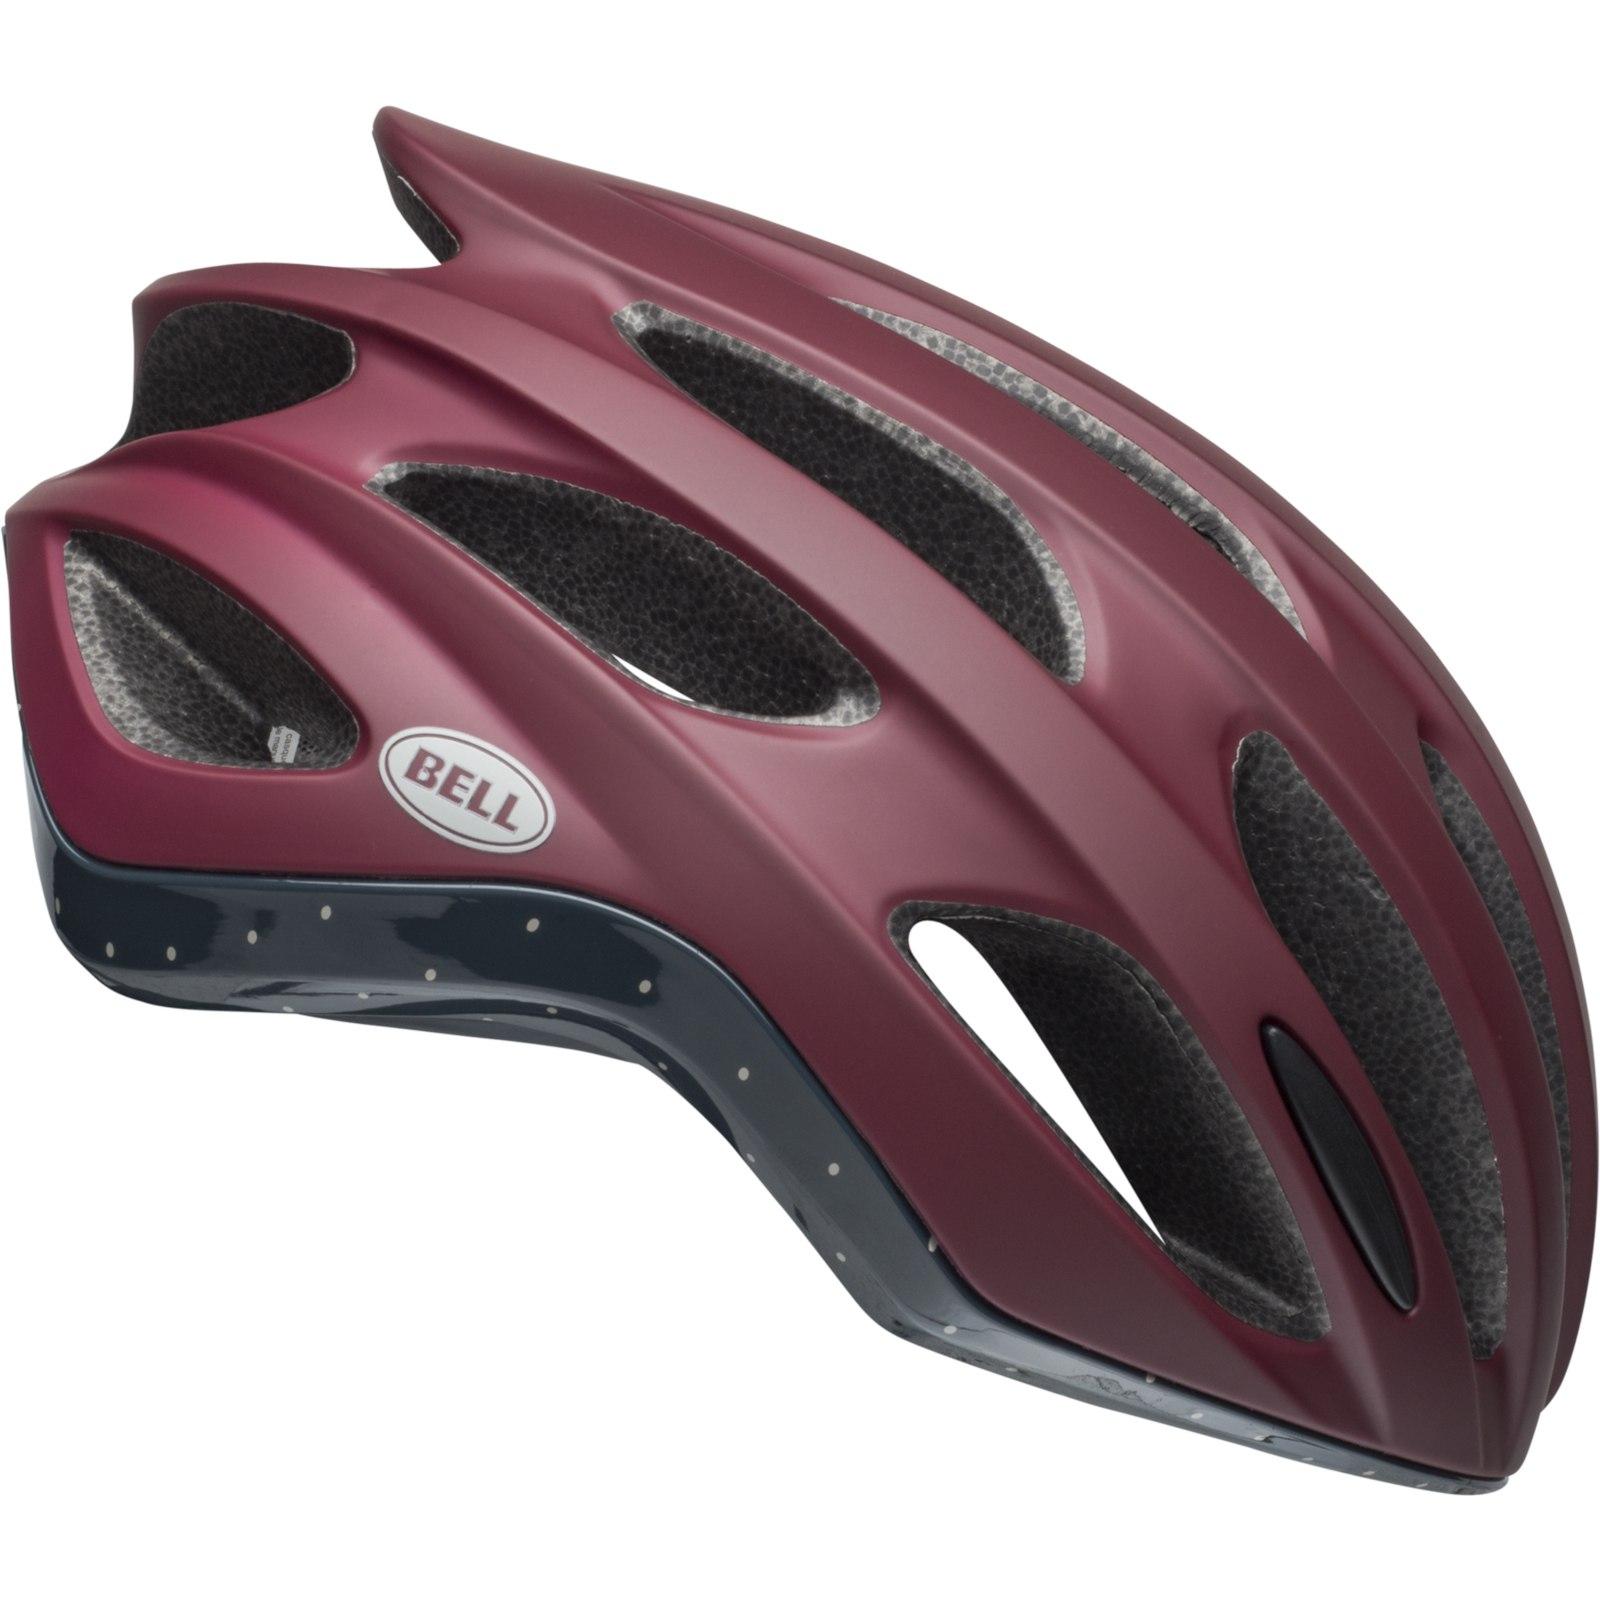 Bell Formula Helmet - virago matte/gloss maroon/slate/sand